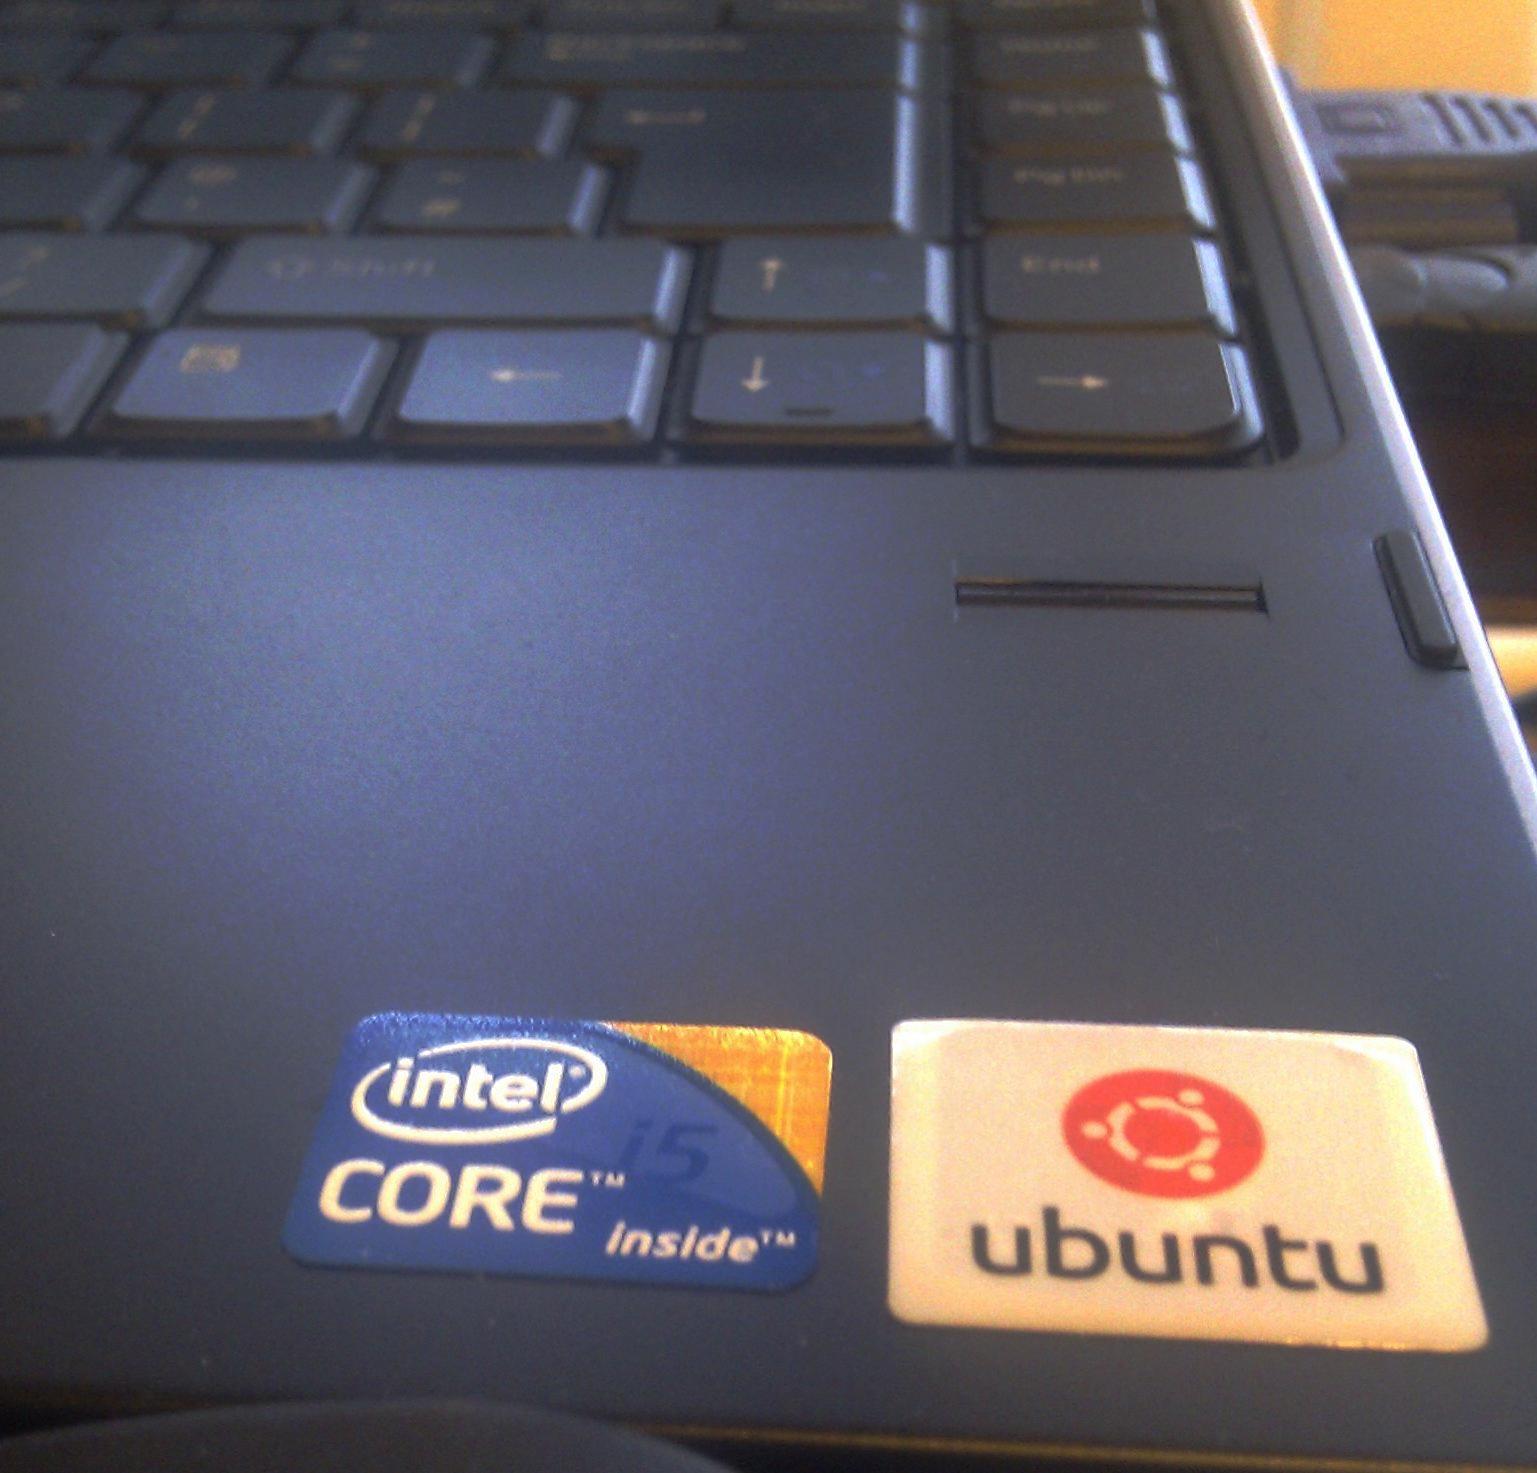 Making Ordinary Laptops Into Ubuntu Laptops – Victor Palau's